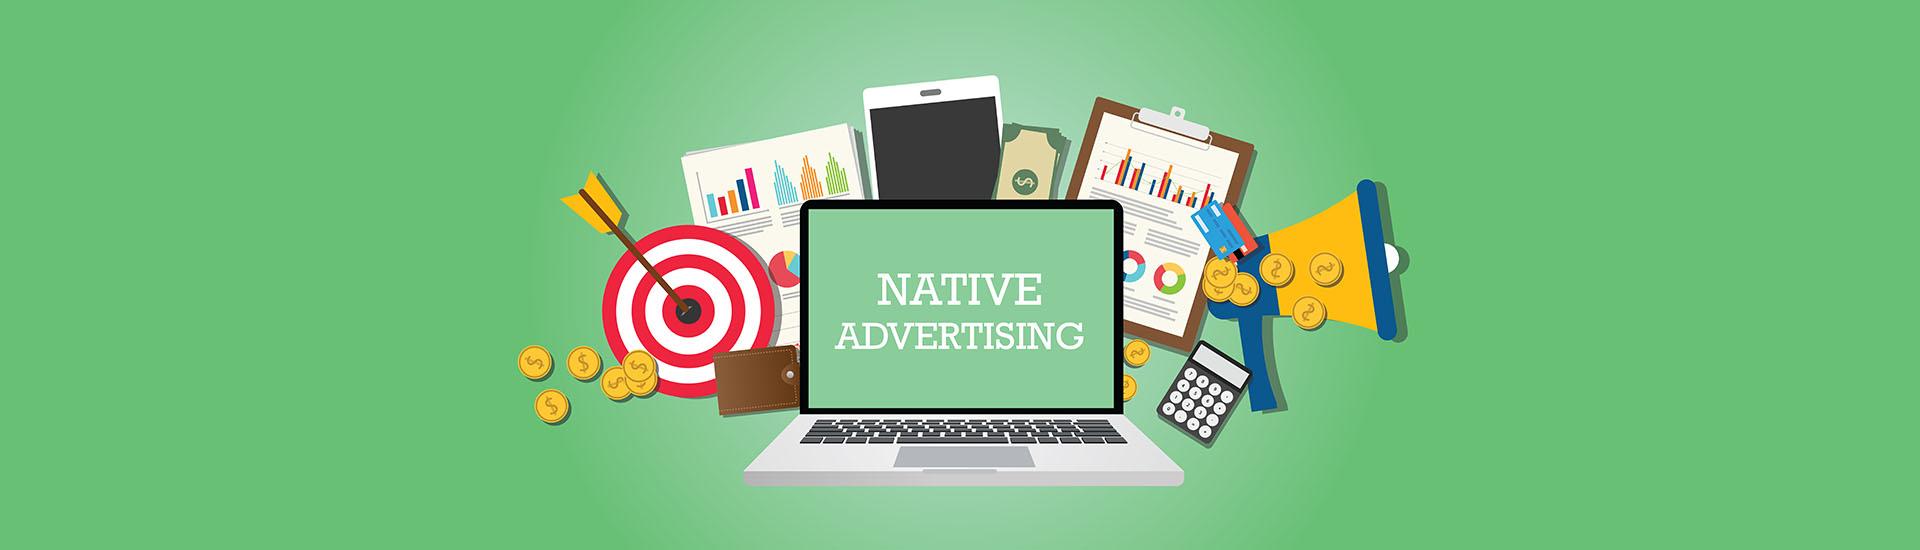 Τι είναι το Native Advertising και γιατί είναι σημαντικό για την επιχείρηση σας